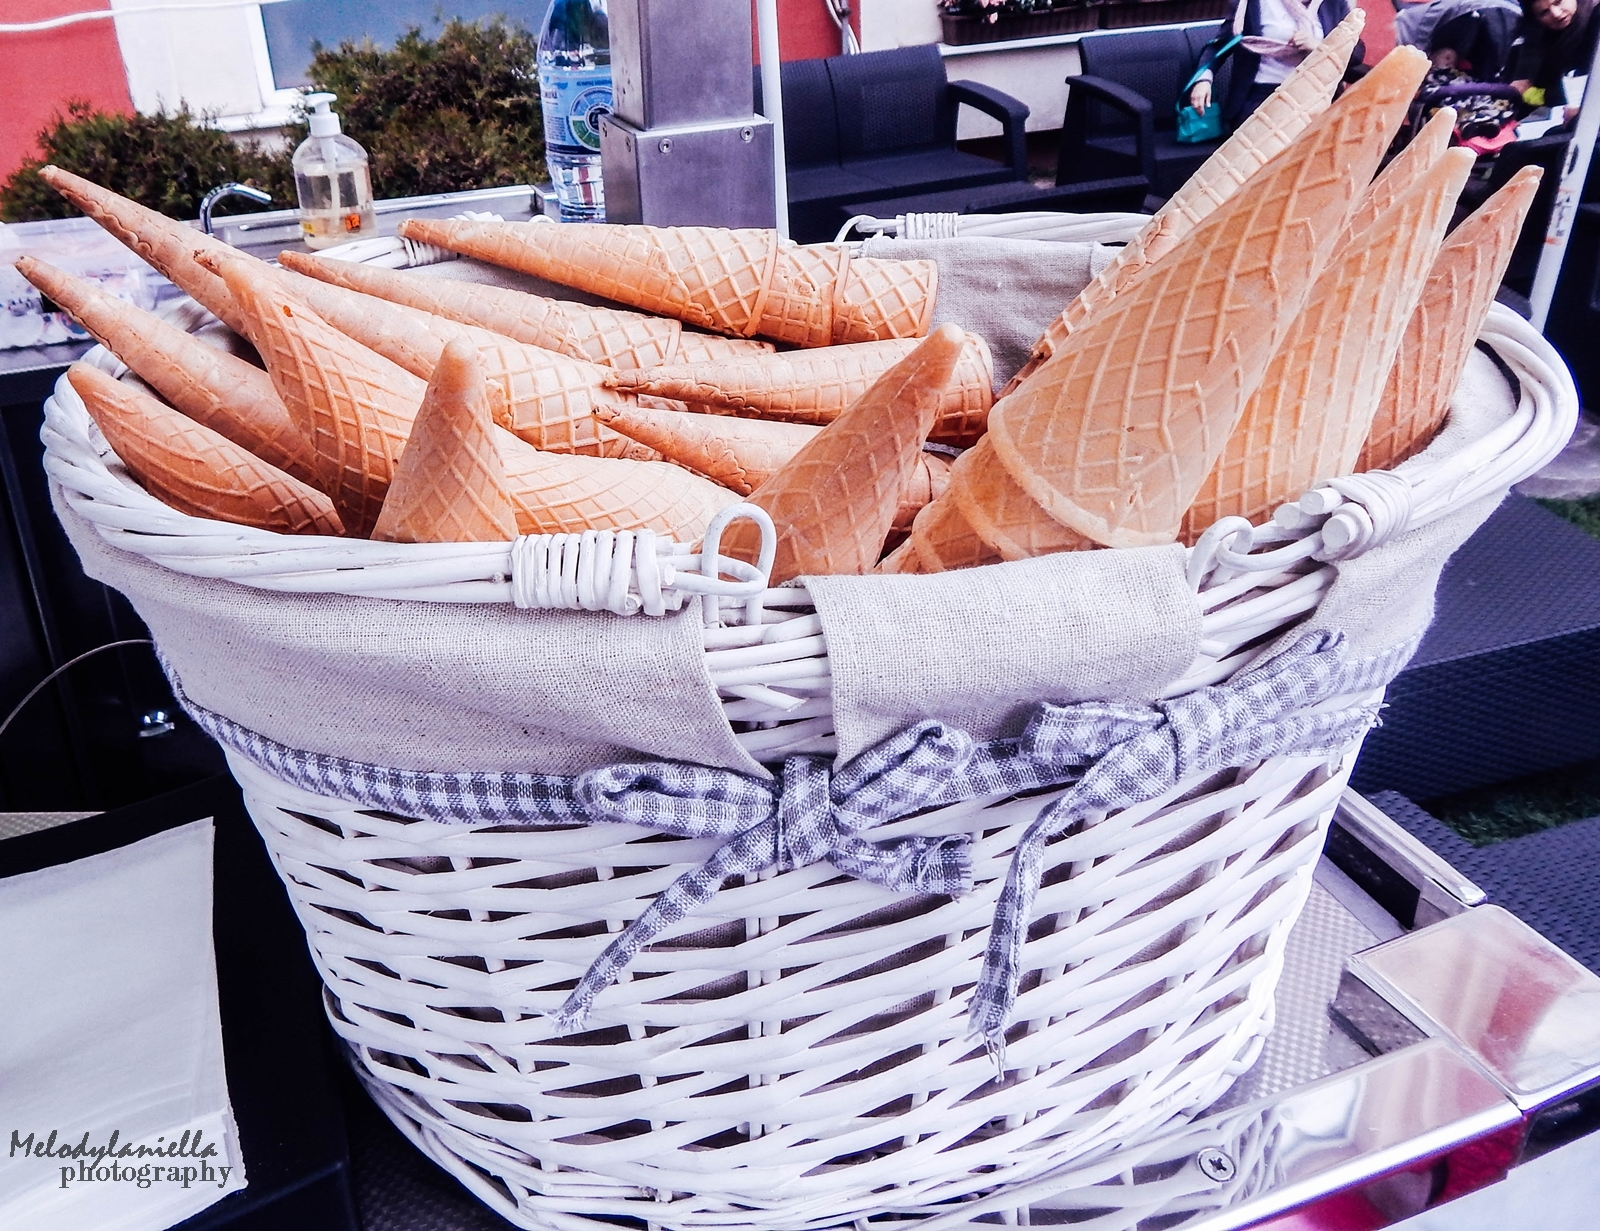 10 street food festival łódź piotrkowska 217 foodtruck jedzenie piwo wino burgery frytki cydr lody najlepsze w łodzi miasto jedzenia kosz rożki